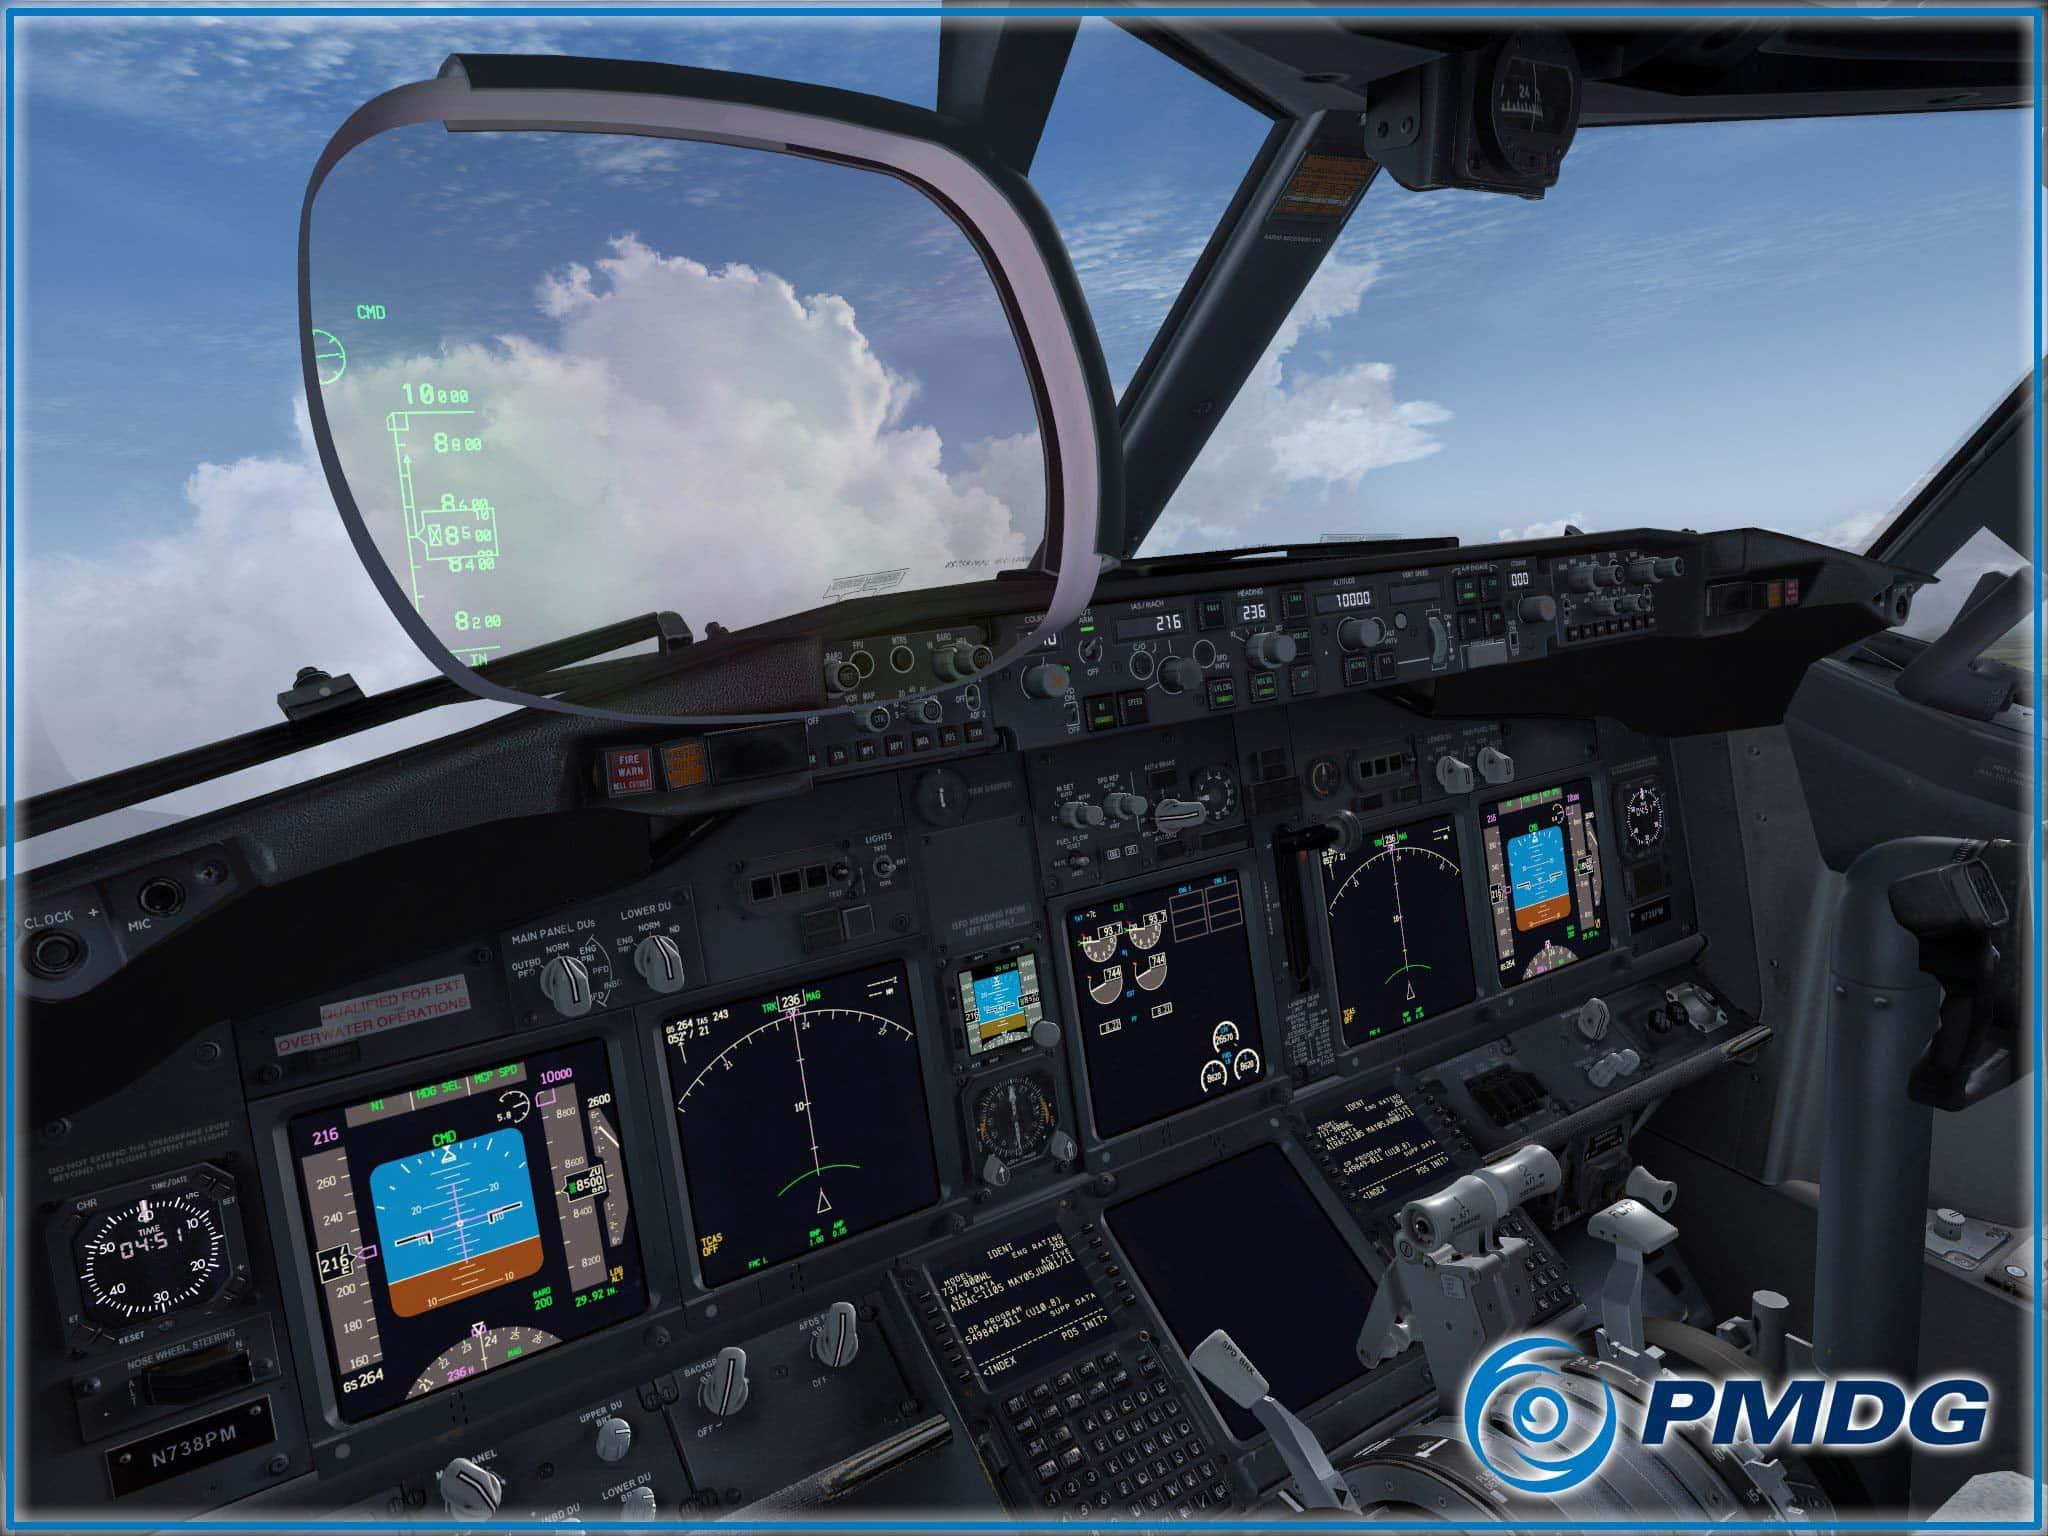 |FSX| PMDG 737 NGX 800-900 clé PMDG_737NGX_VC_may2011